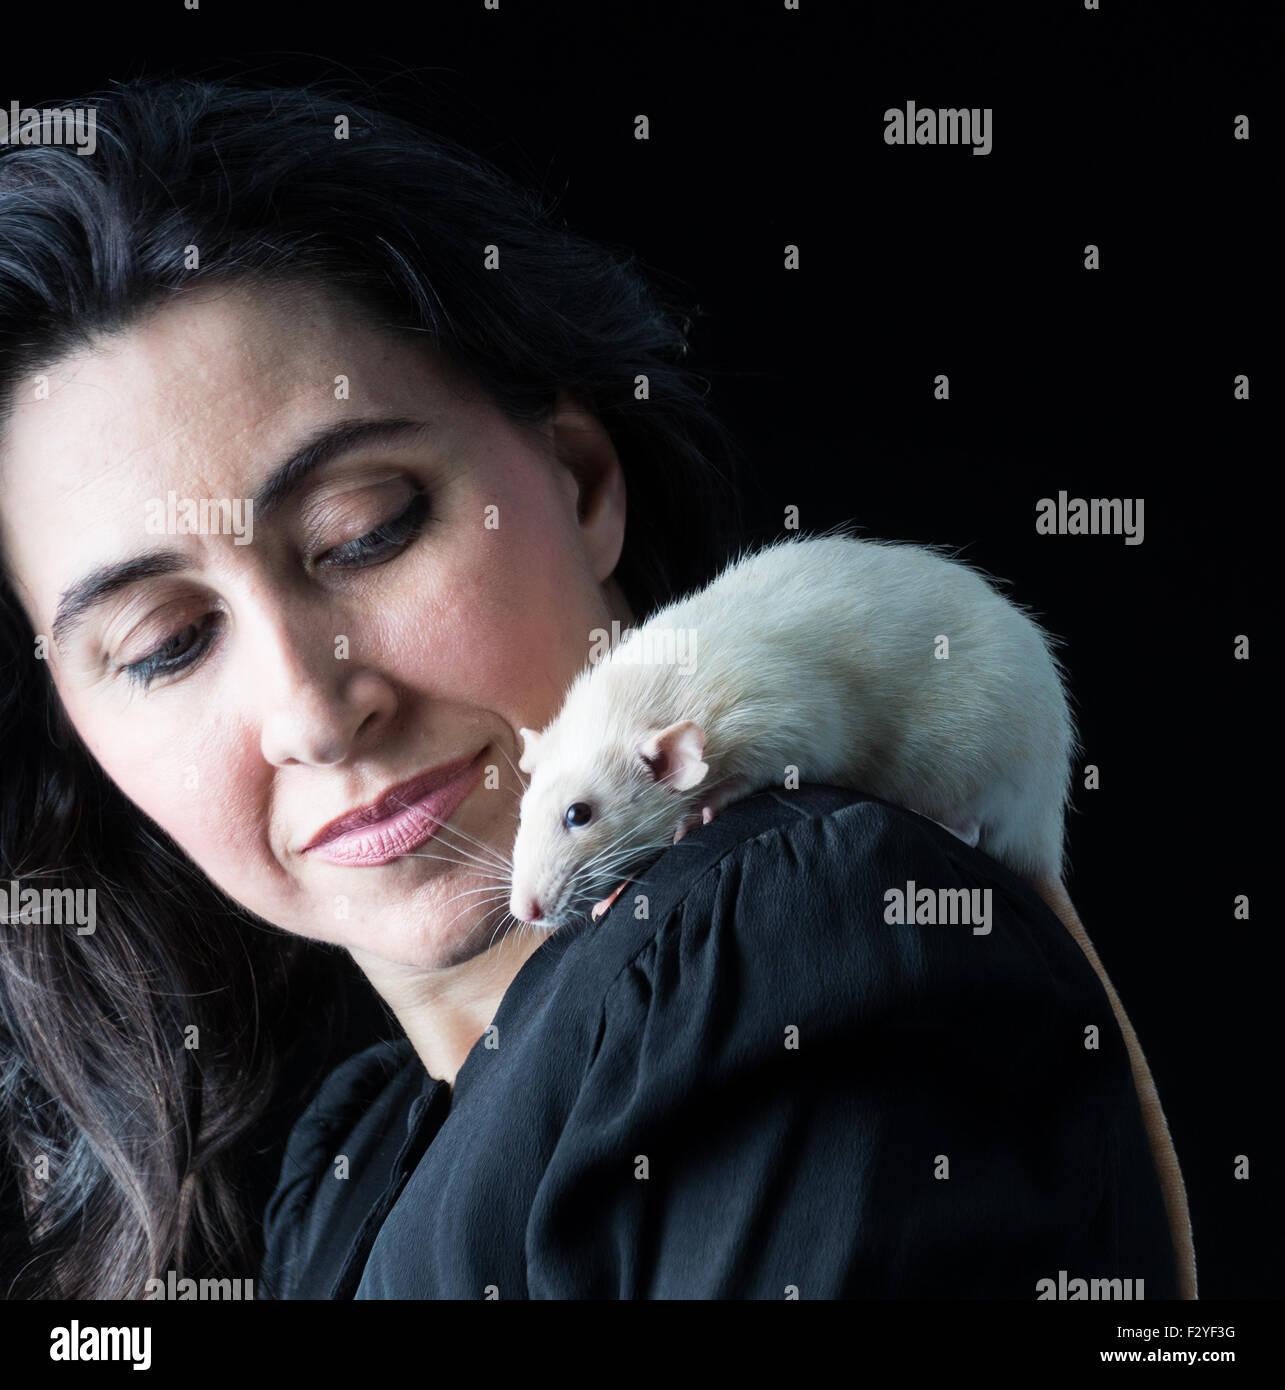 La donna in nero in piedi con ratto bianco sullo spallamento Immagini Stock